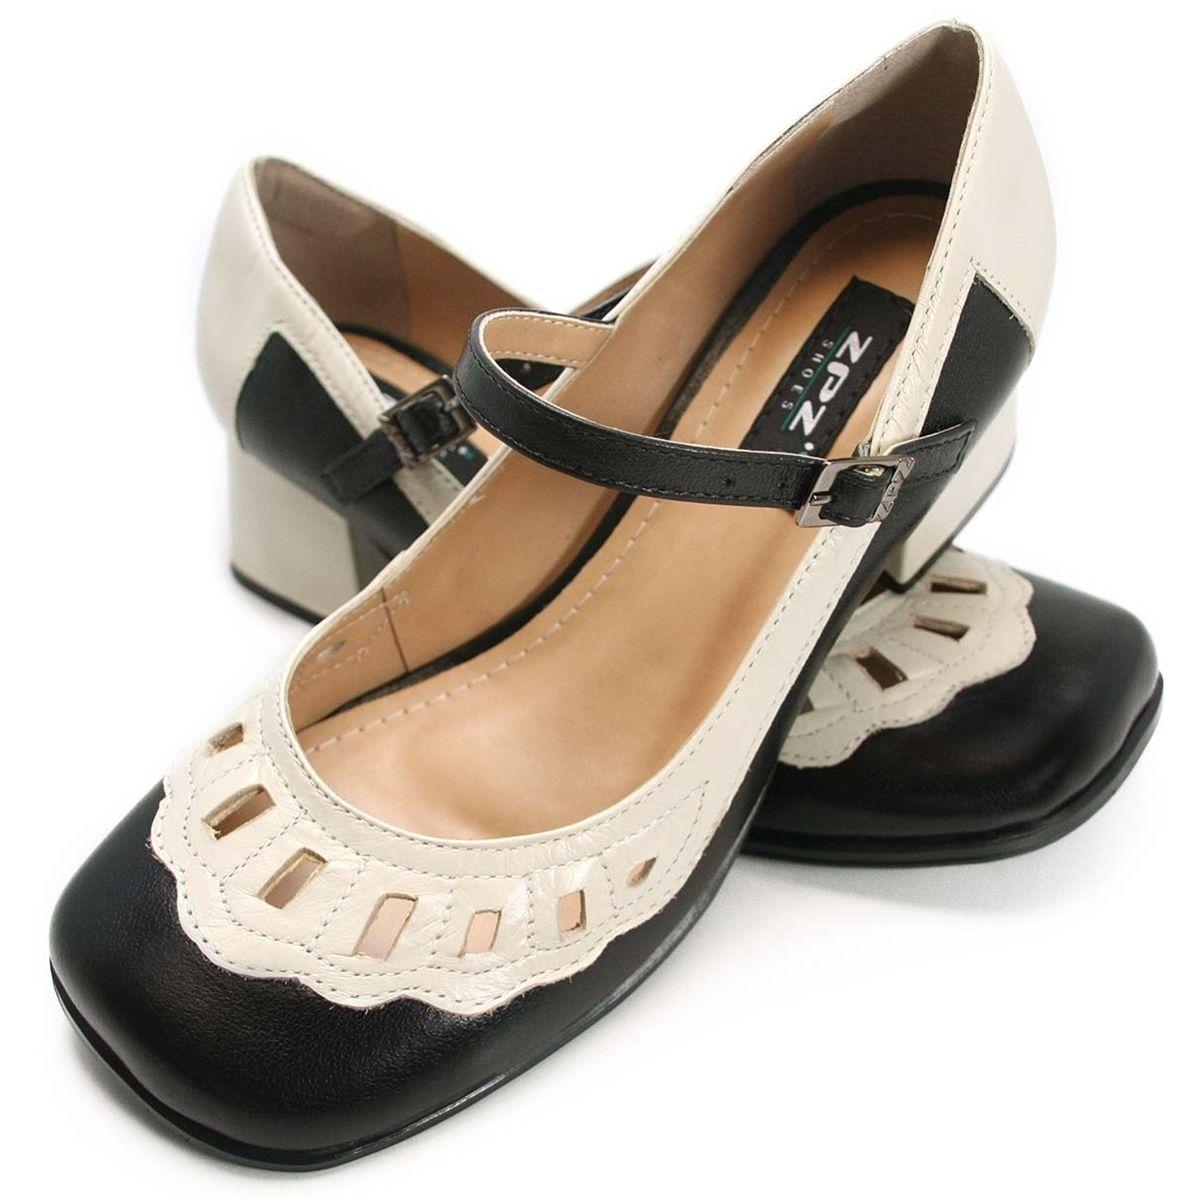 421f1202ba Sapato Feminino Retrô - Calçado Feminino | ZPZ Shoes | SHOES ...